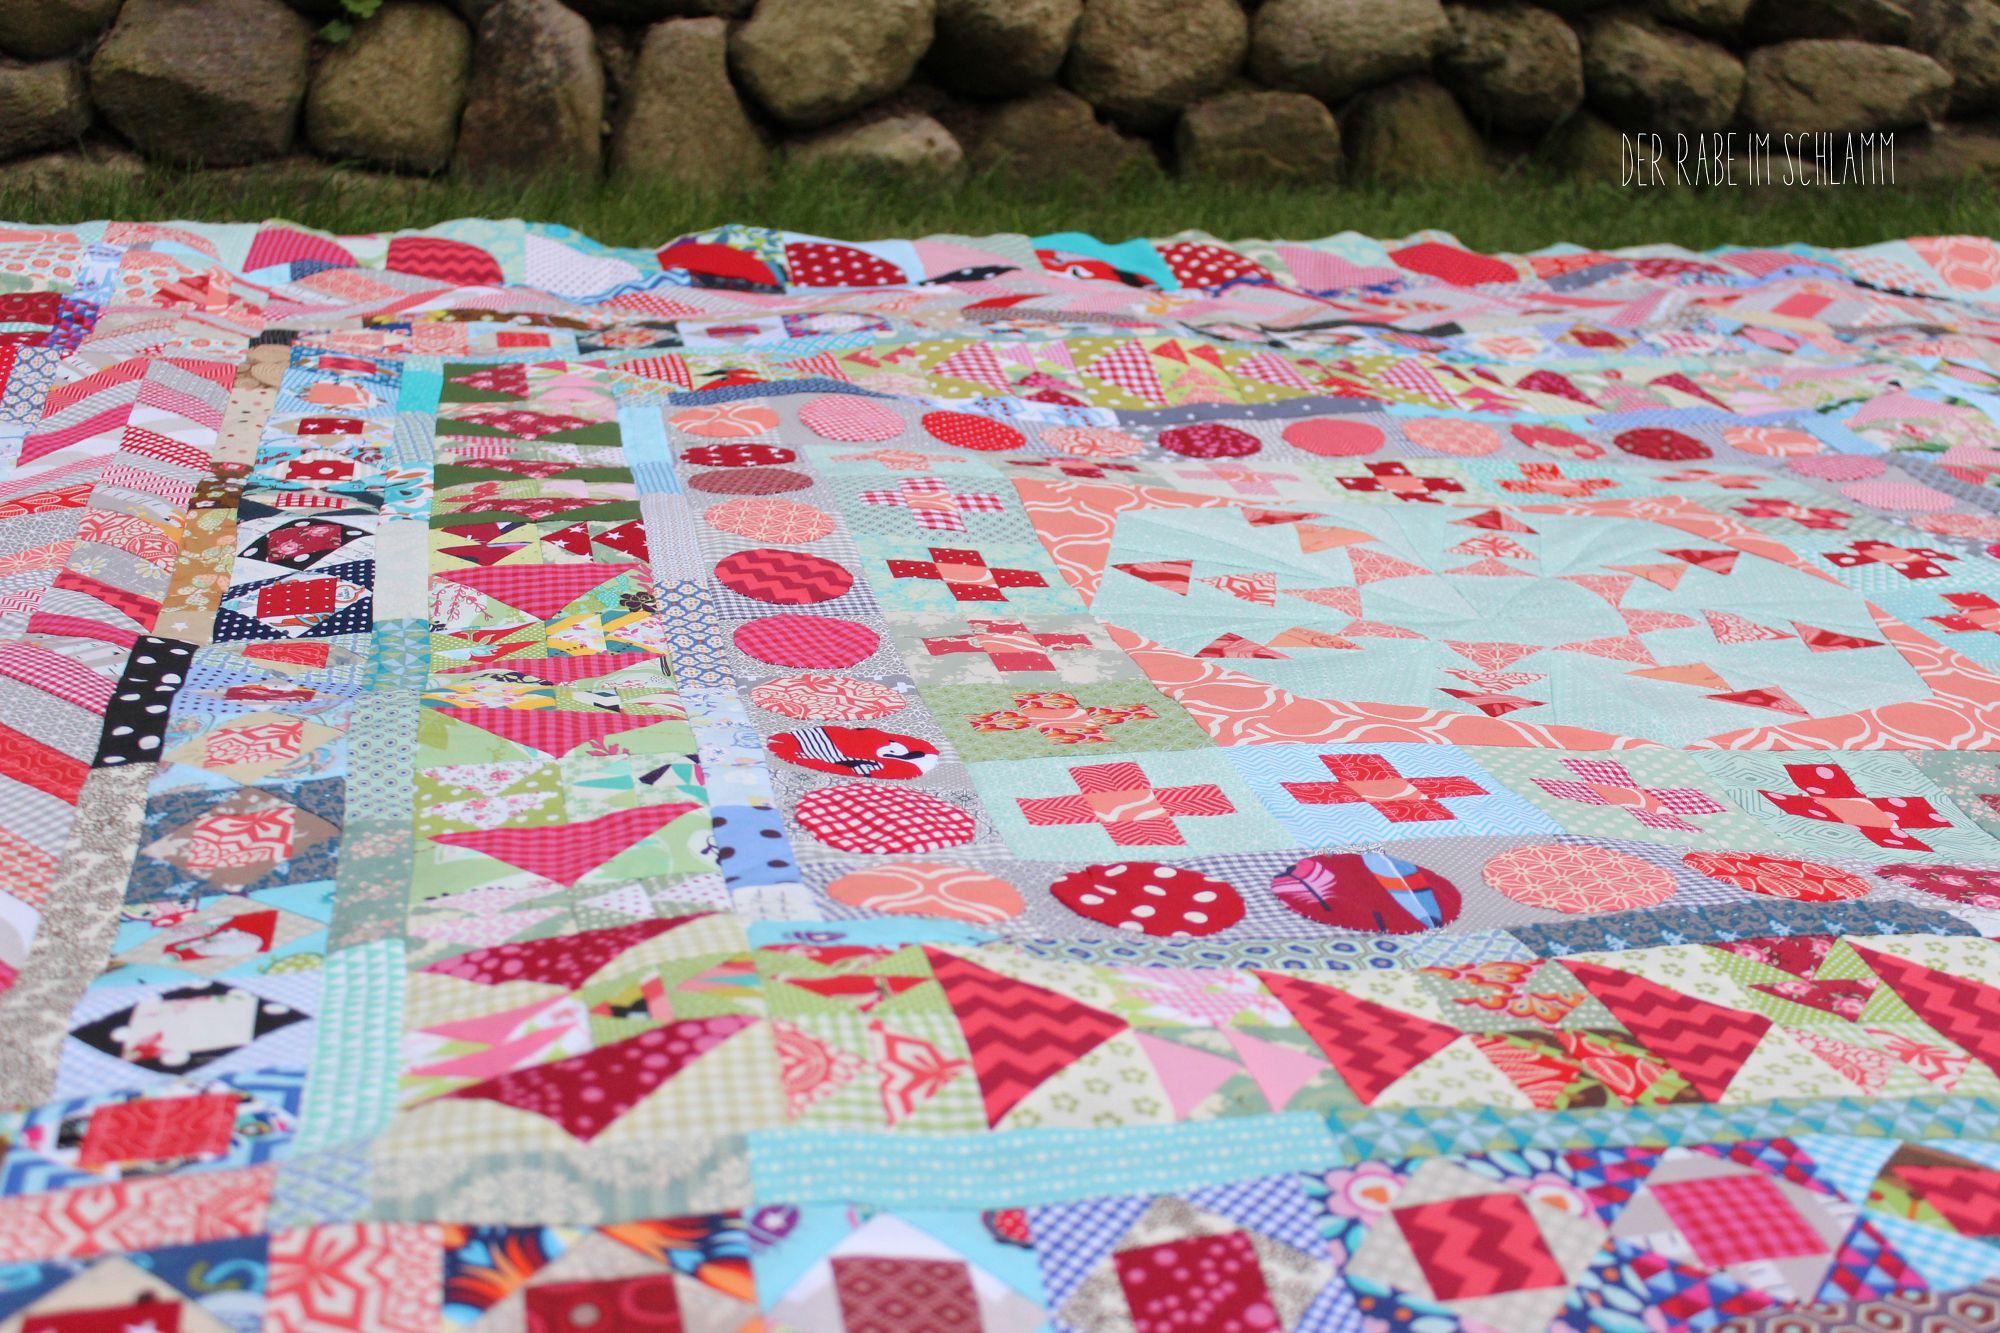 Der Rabe im Schlamm, Bernina Medaillon Quilt Along, Quilt, Medaillon Quilt, Patchwork, Scrappy Quilt